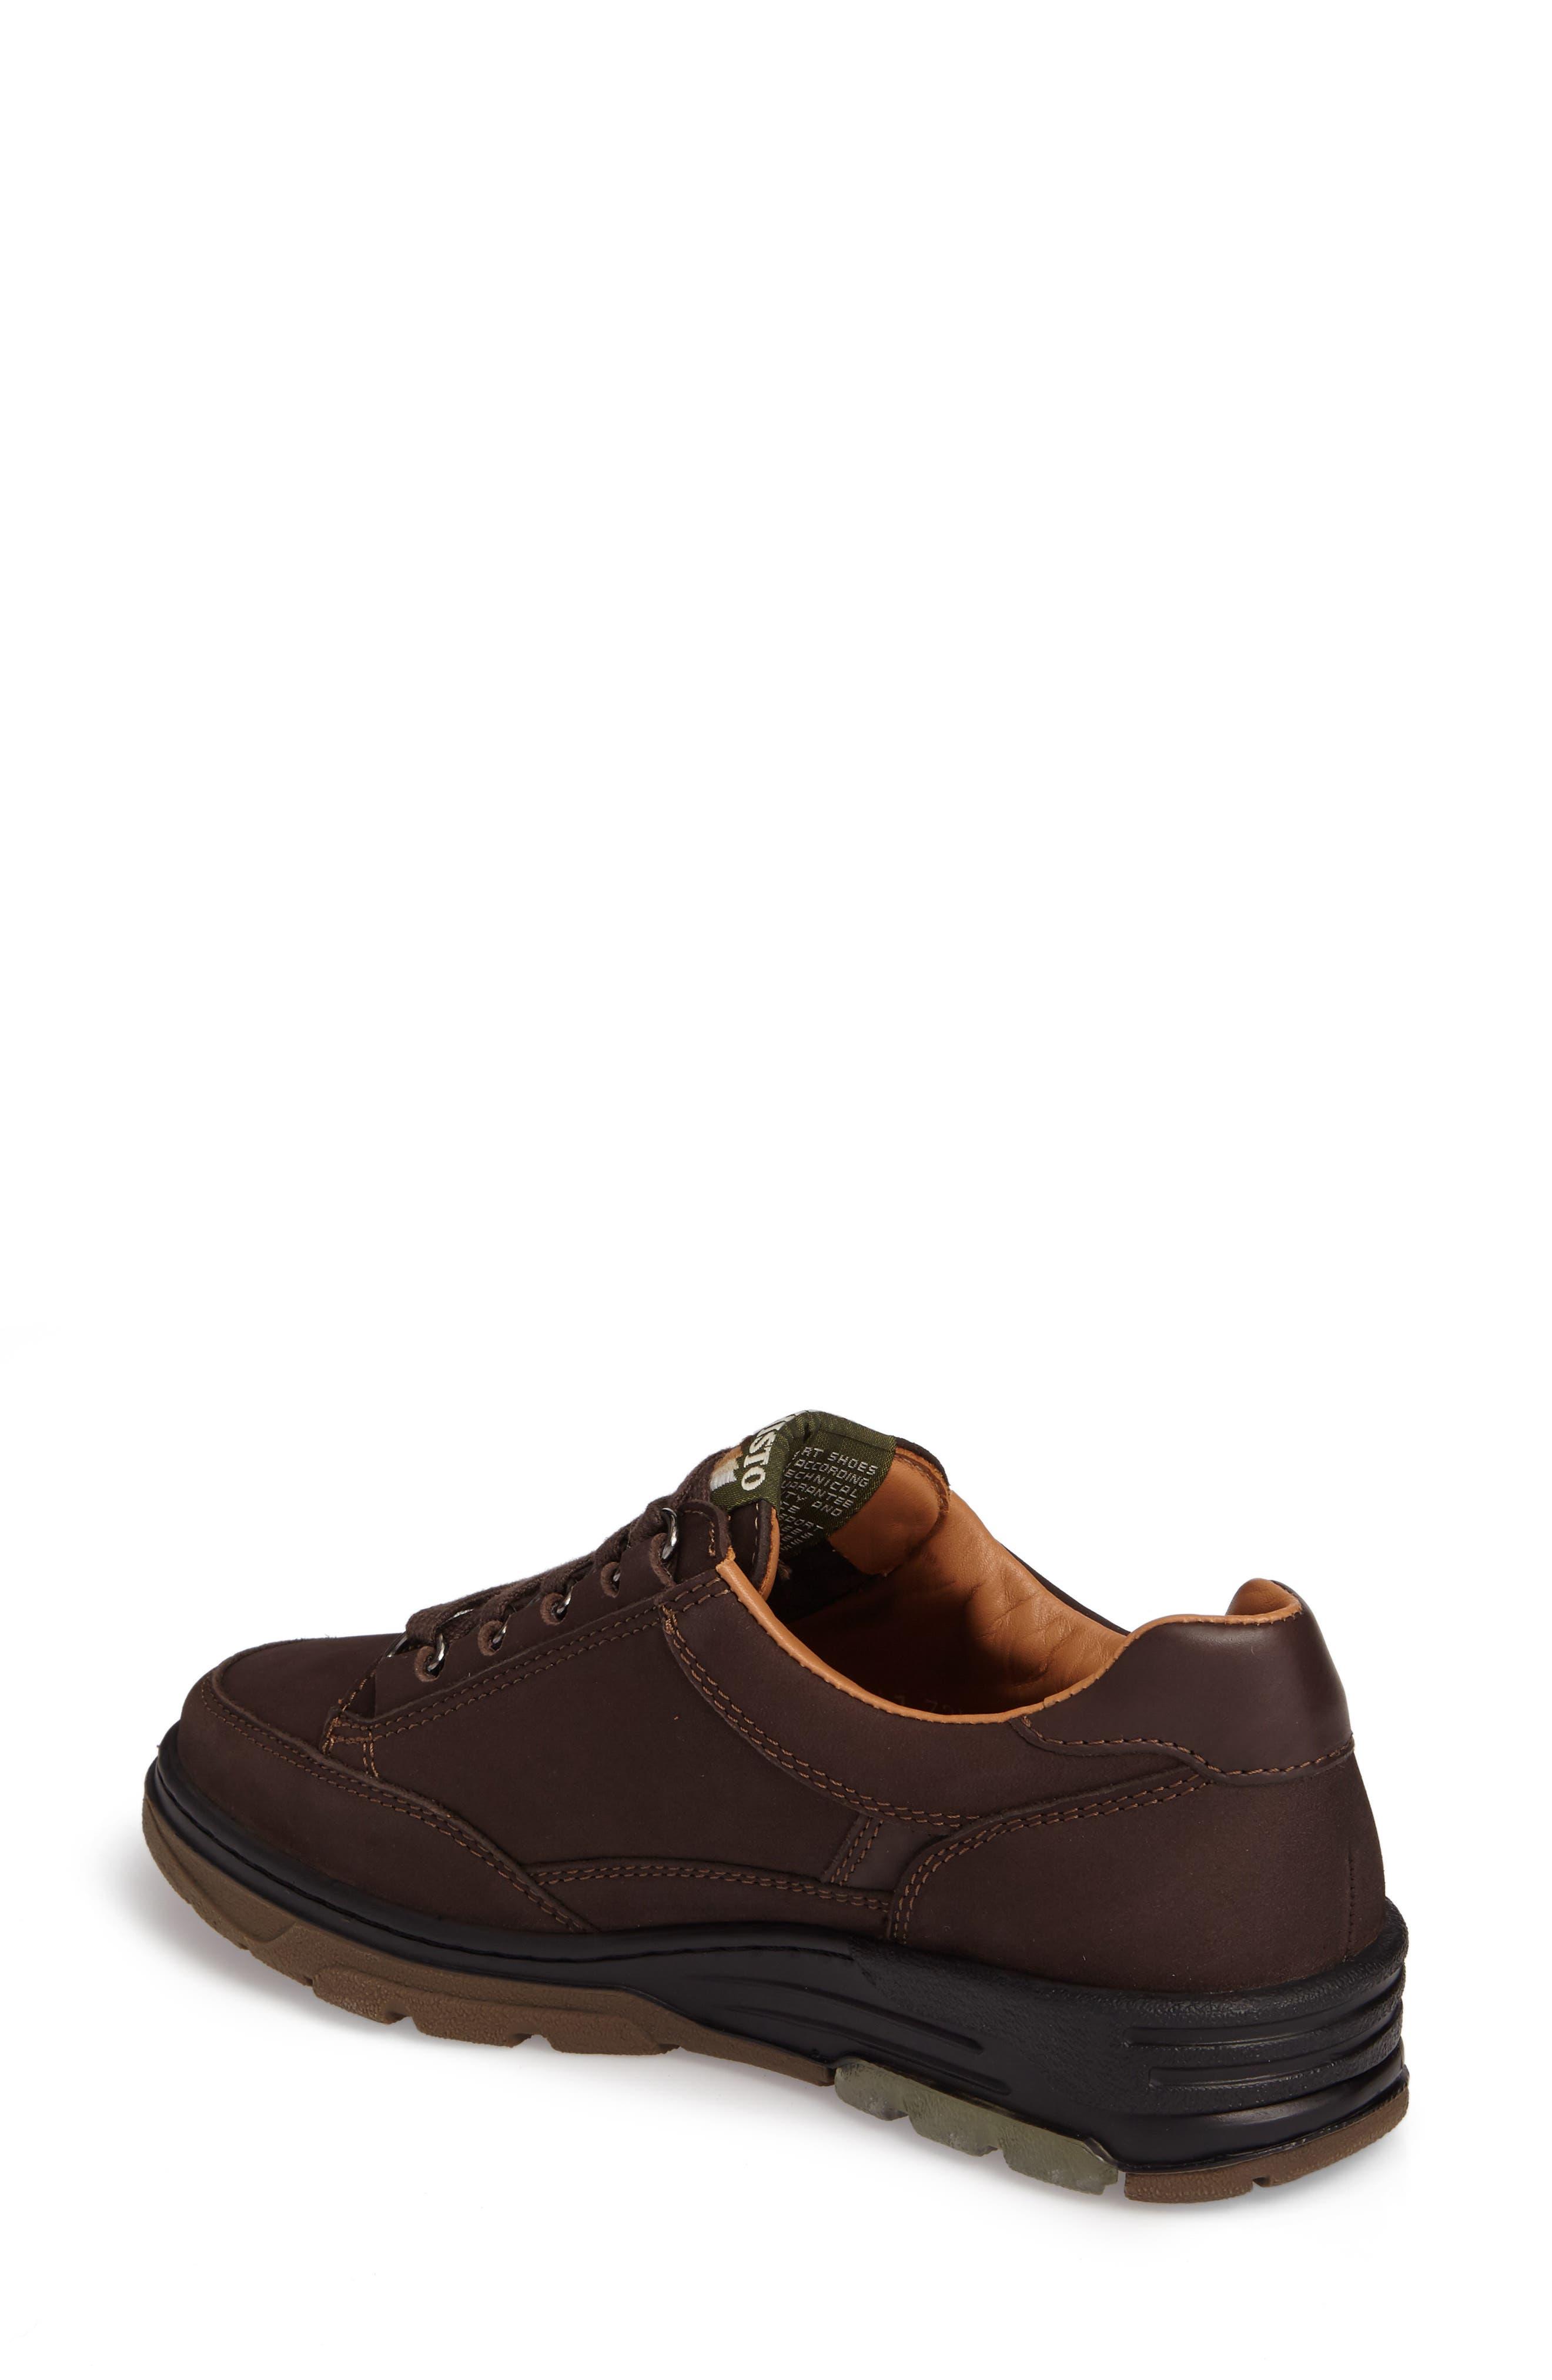 Natasha Sneaker,                             Alternate thumbnail 2, color,                             Dark Brown Leather